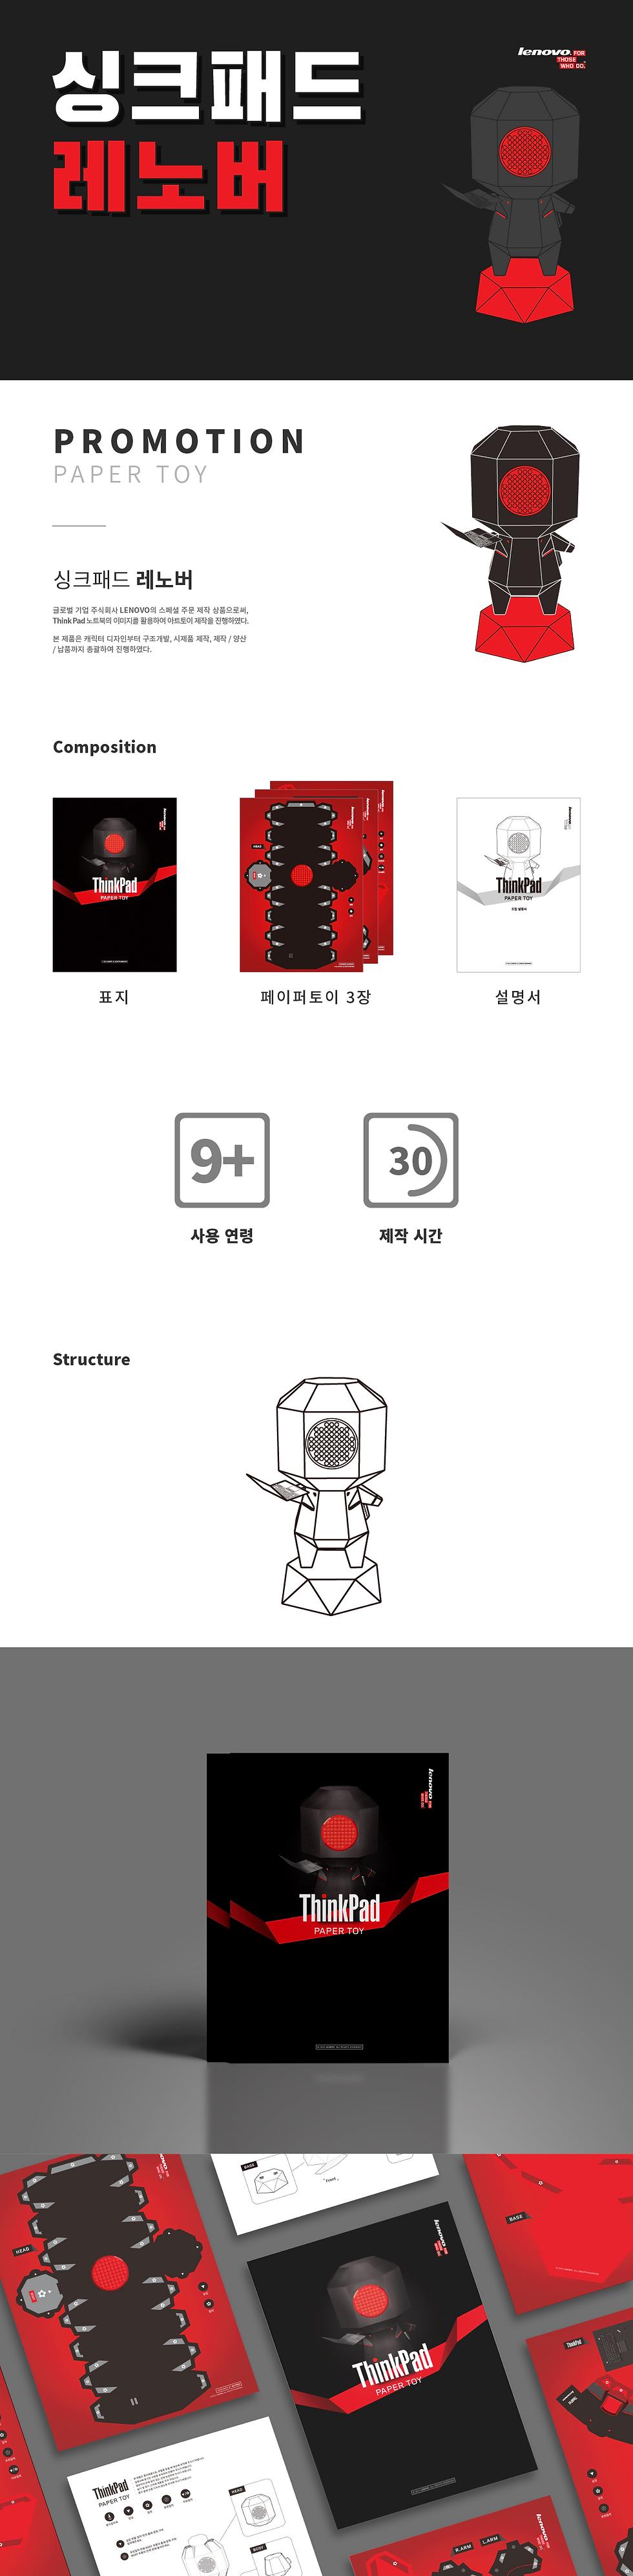 02-10. [2015] 레노버_상세페이지.png